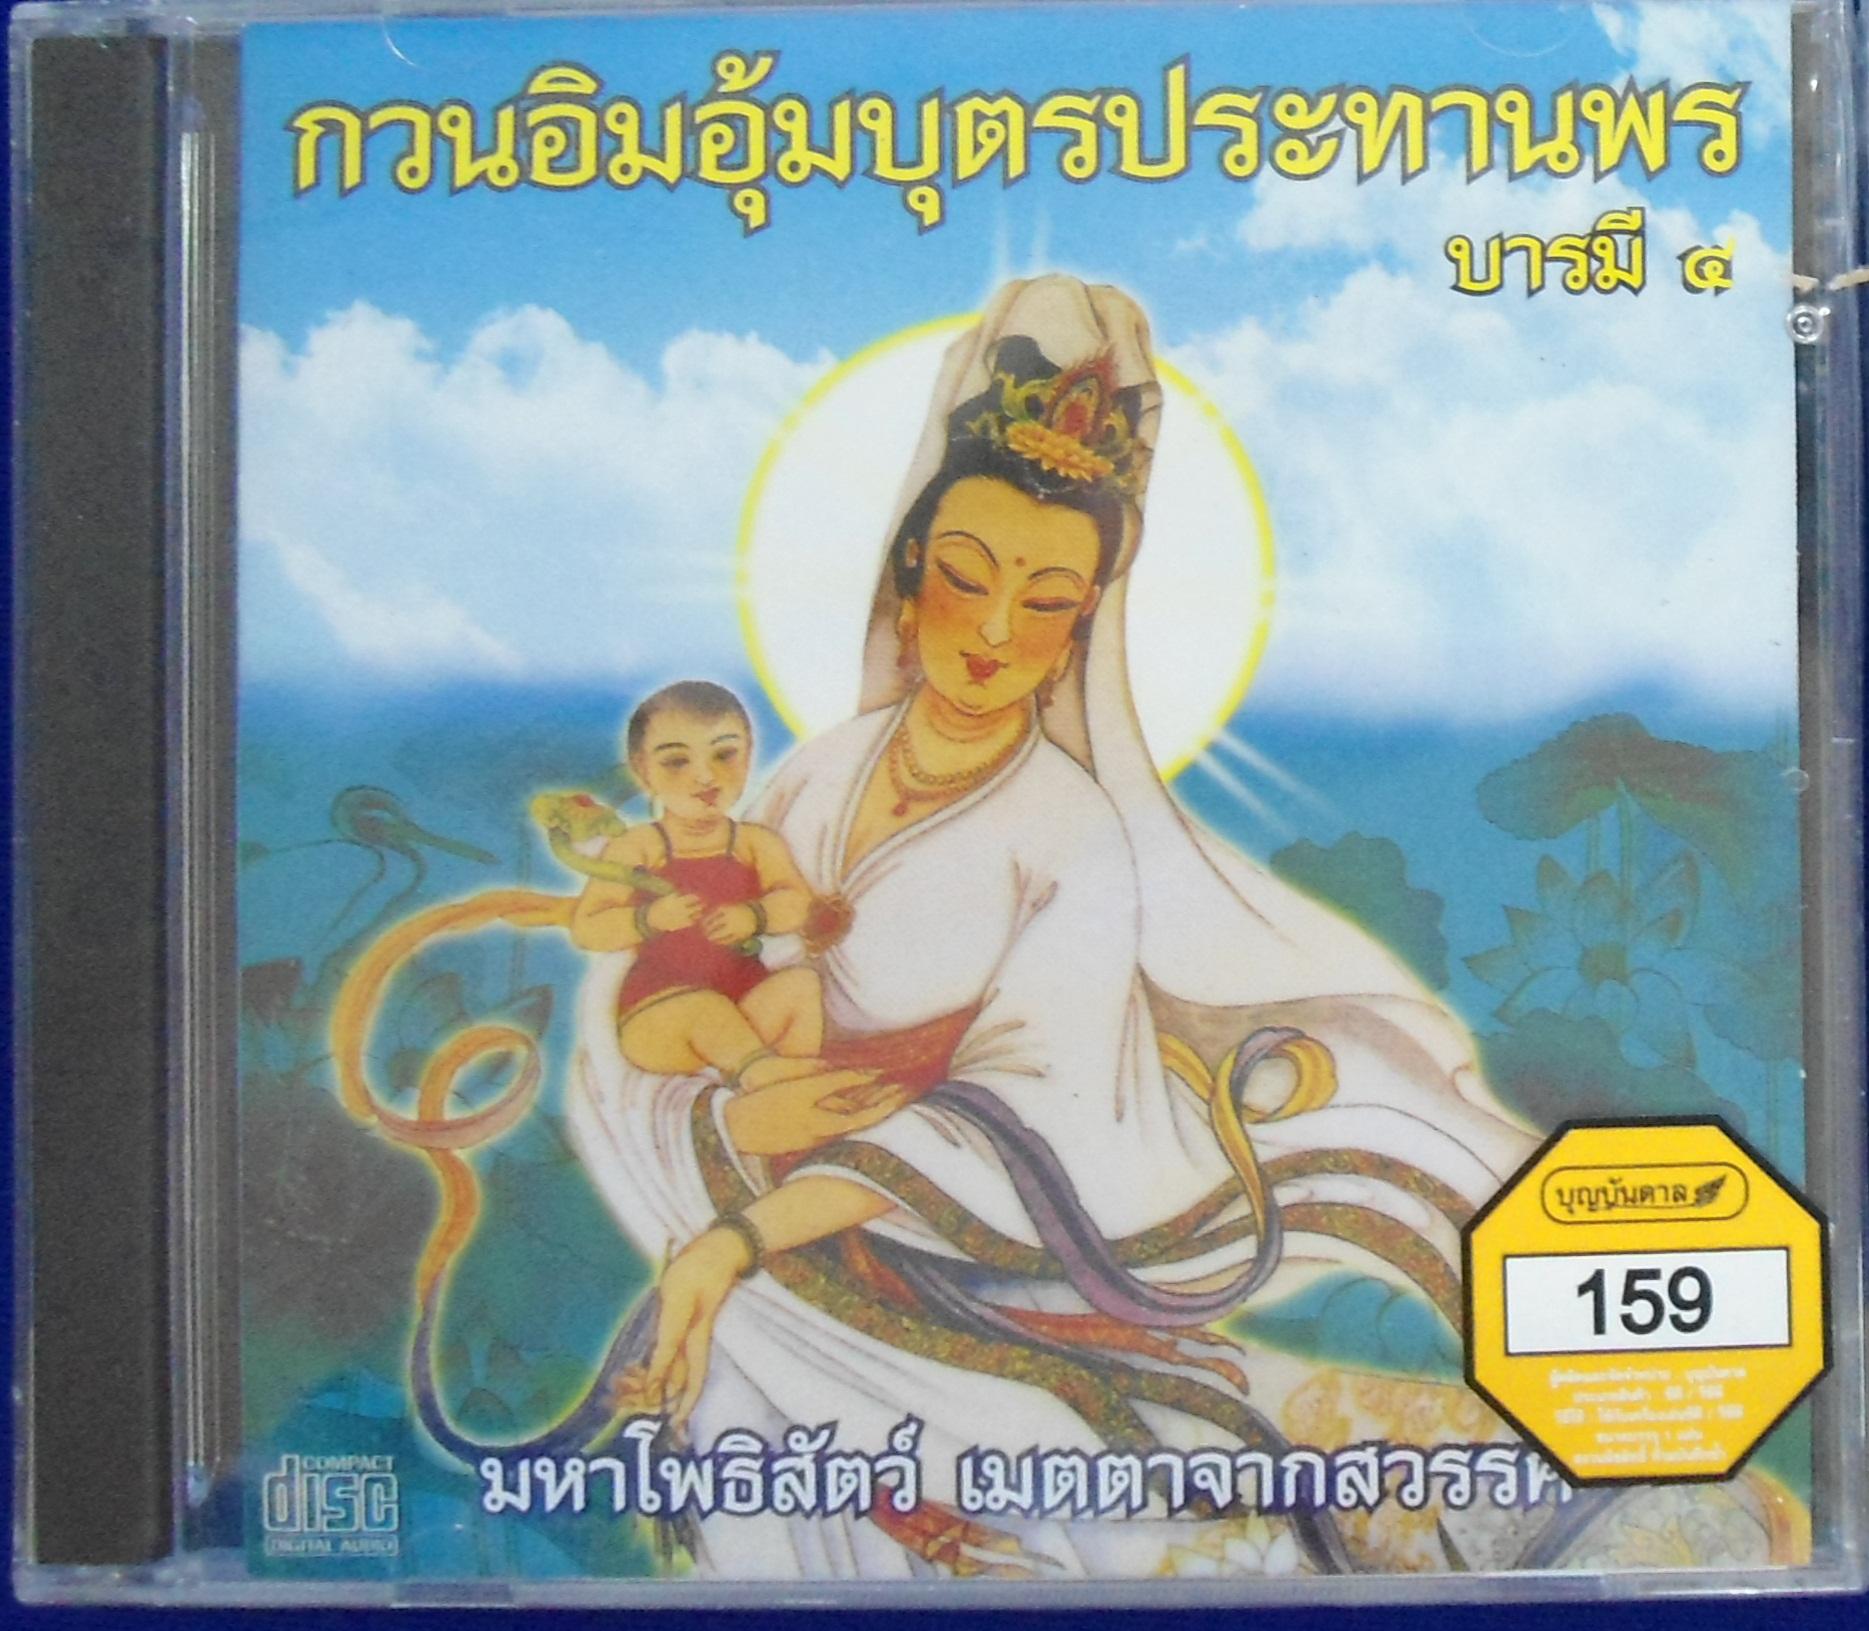 CD กวนอิมอุ้มบุตรประทานพร บารมี4